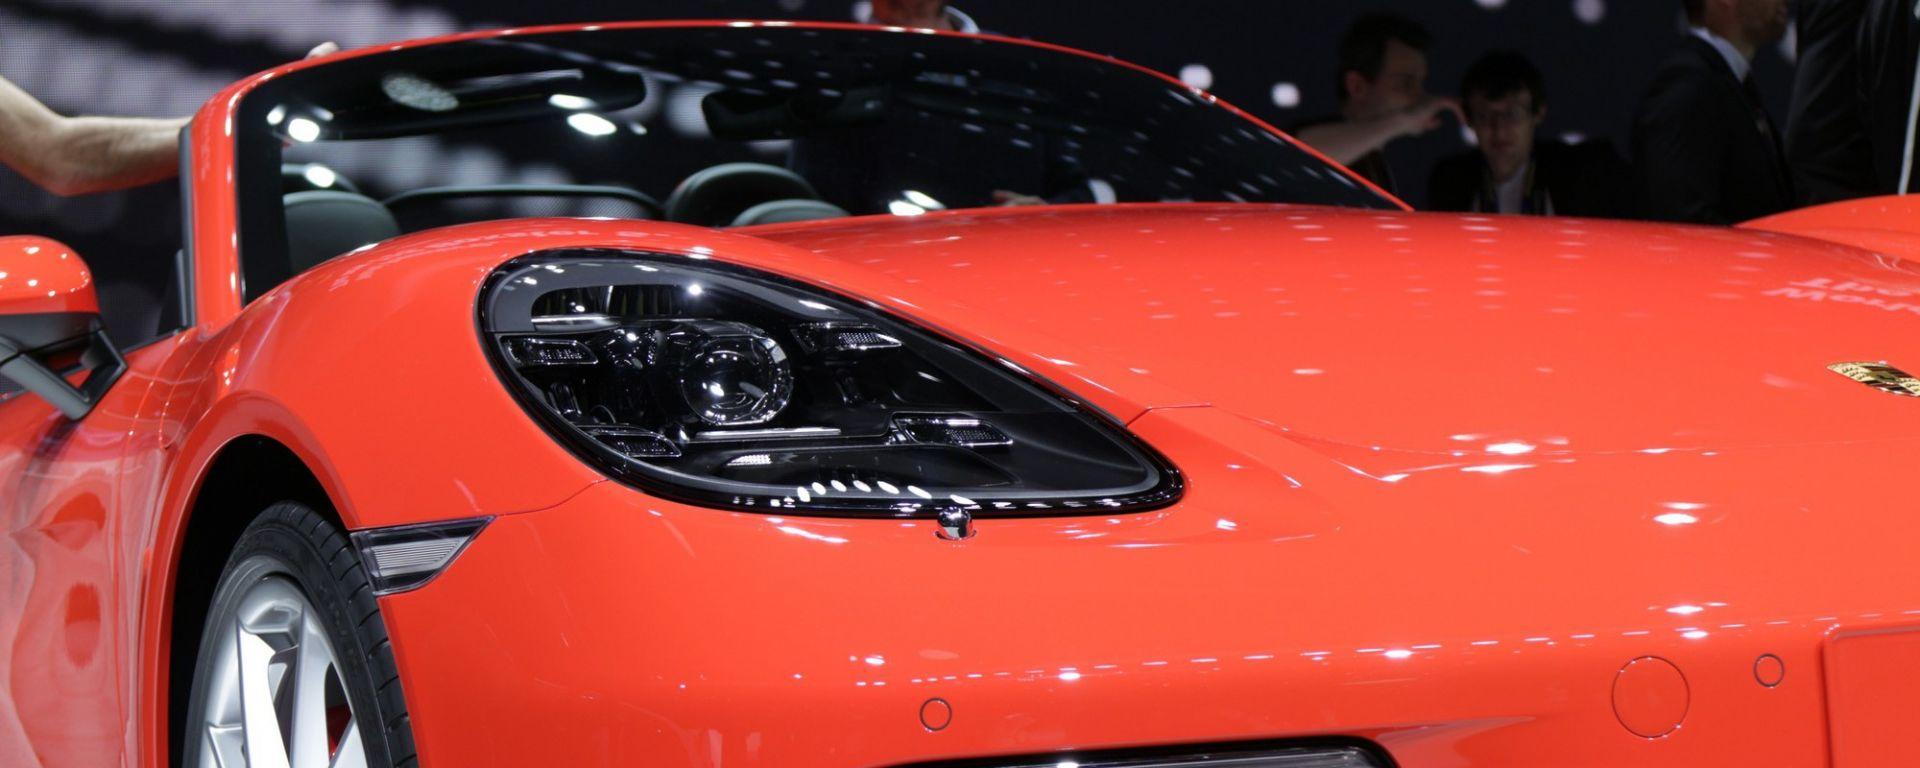 Ginevra 2016 - Notizie dalle Case: Porsche